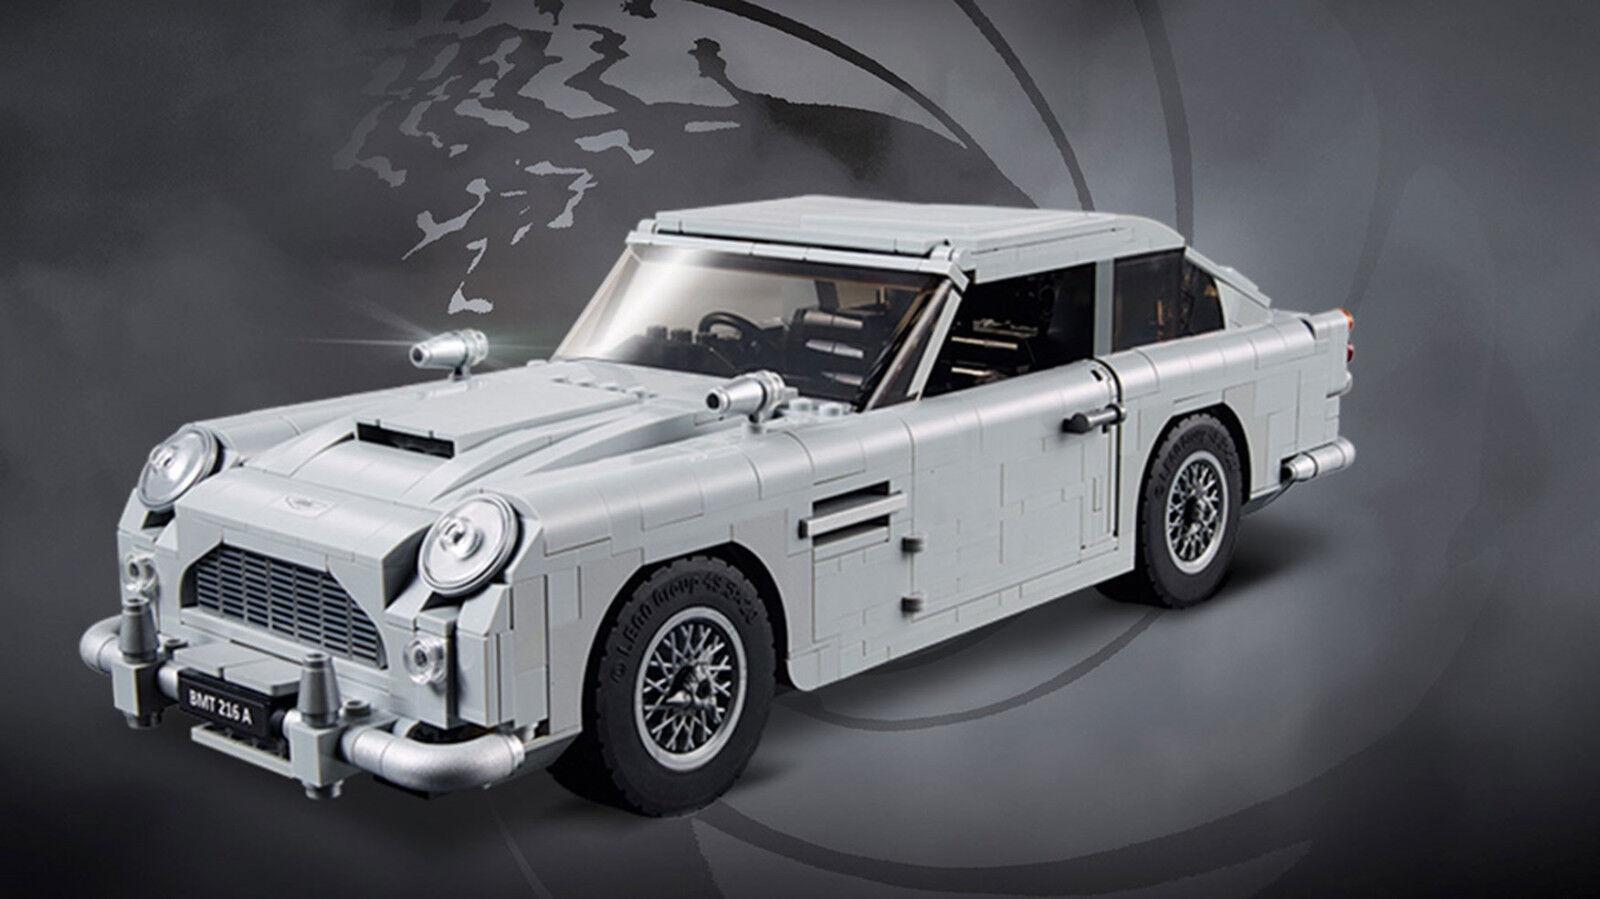 1450 pcs Creator Creator Creator  James Bond 007 Aston Martin Car building blokcs 05221c